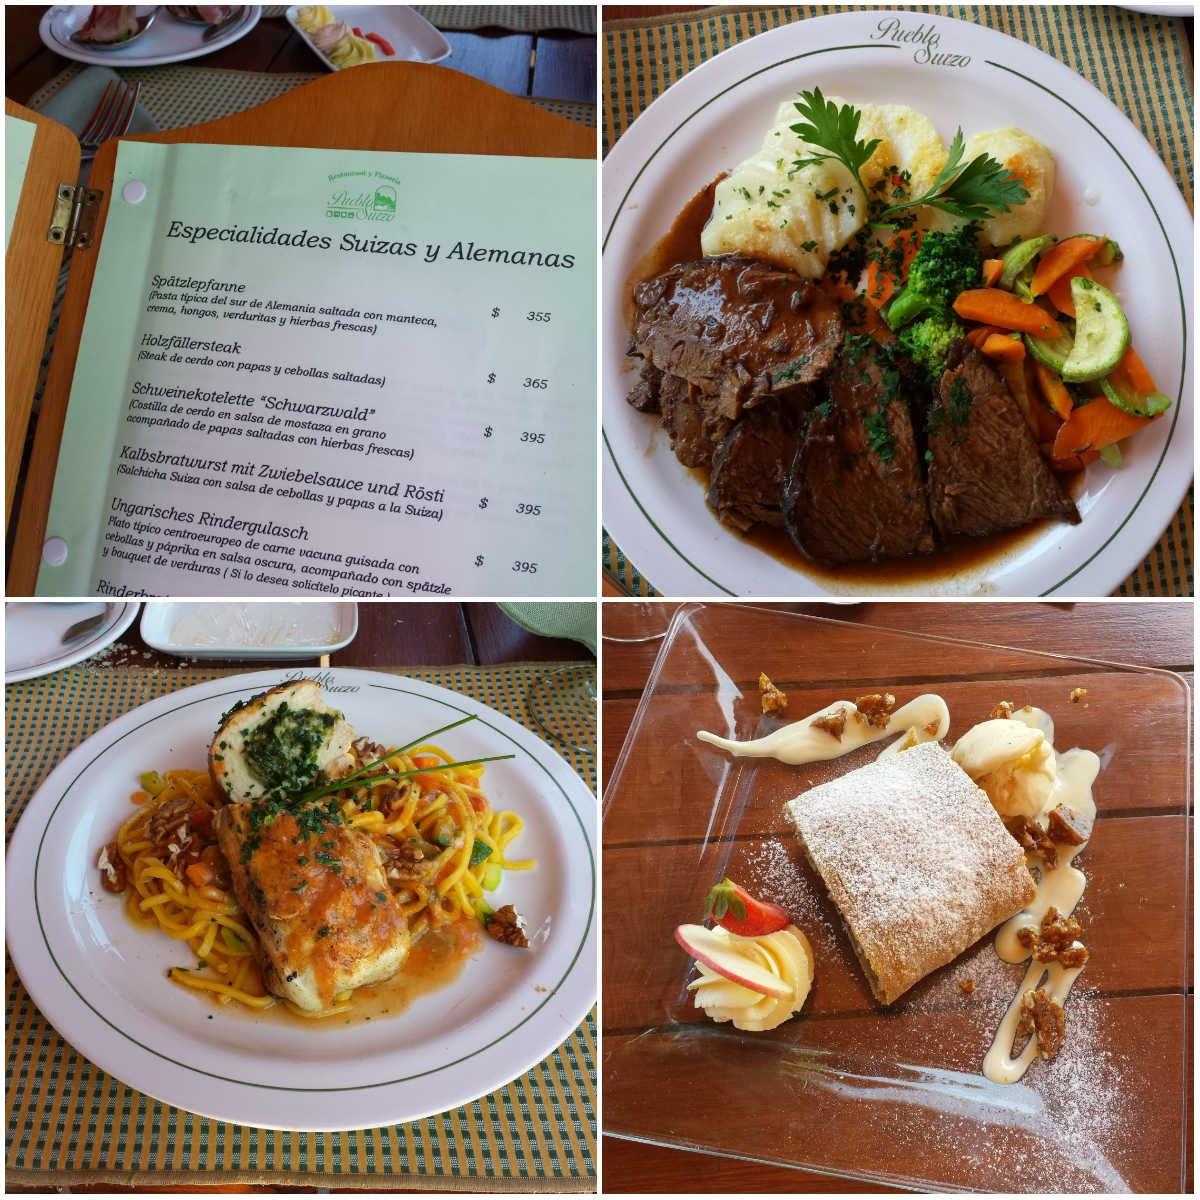 Almoço no Pueblo Suizo no Uruguai